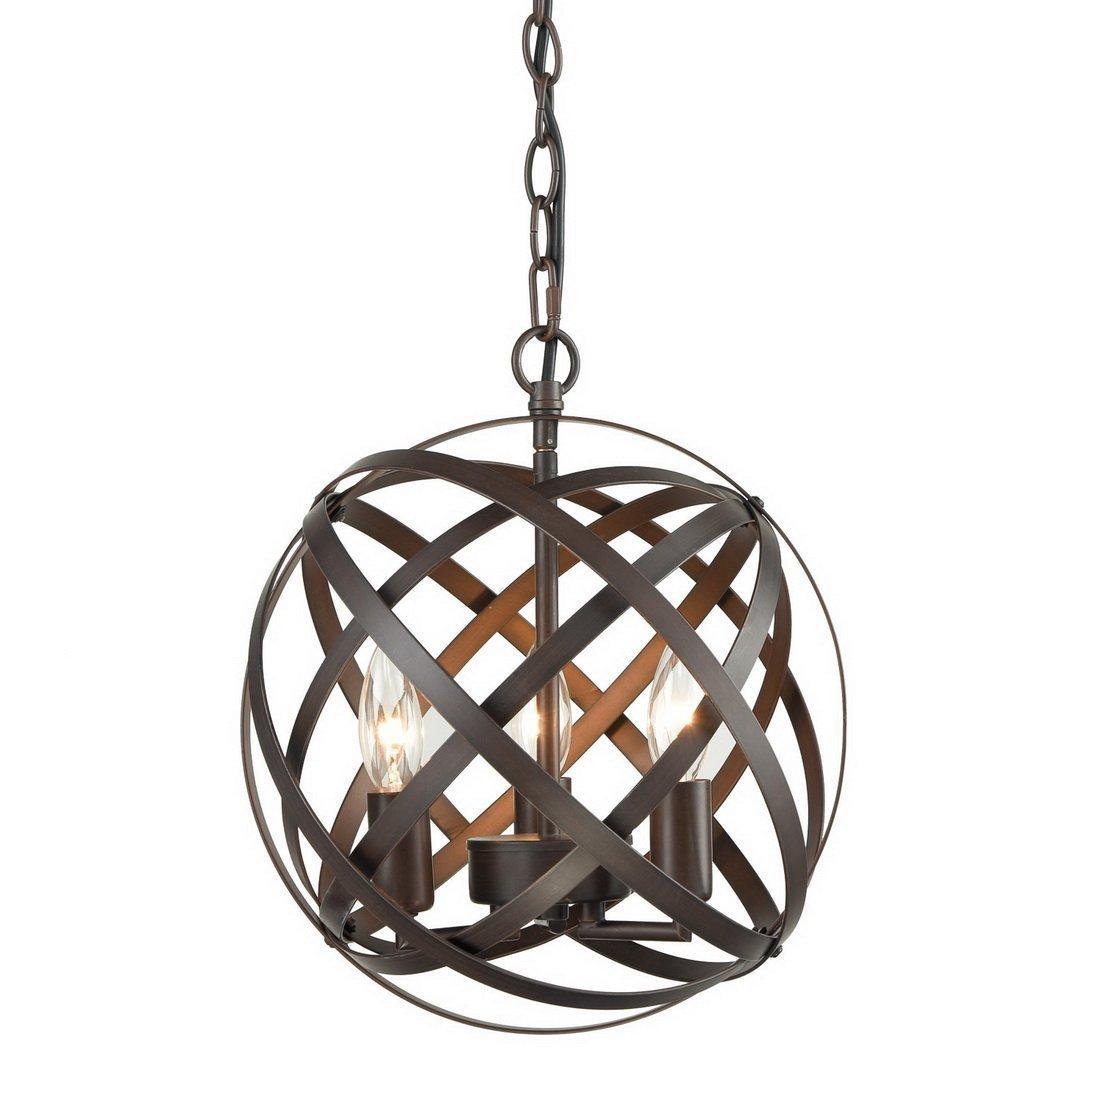 Mcinerney Cage 3-Light Globe Chandelier regarding Shipststour 3-Light Globe Chandeliers (Image 25 of 30)